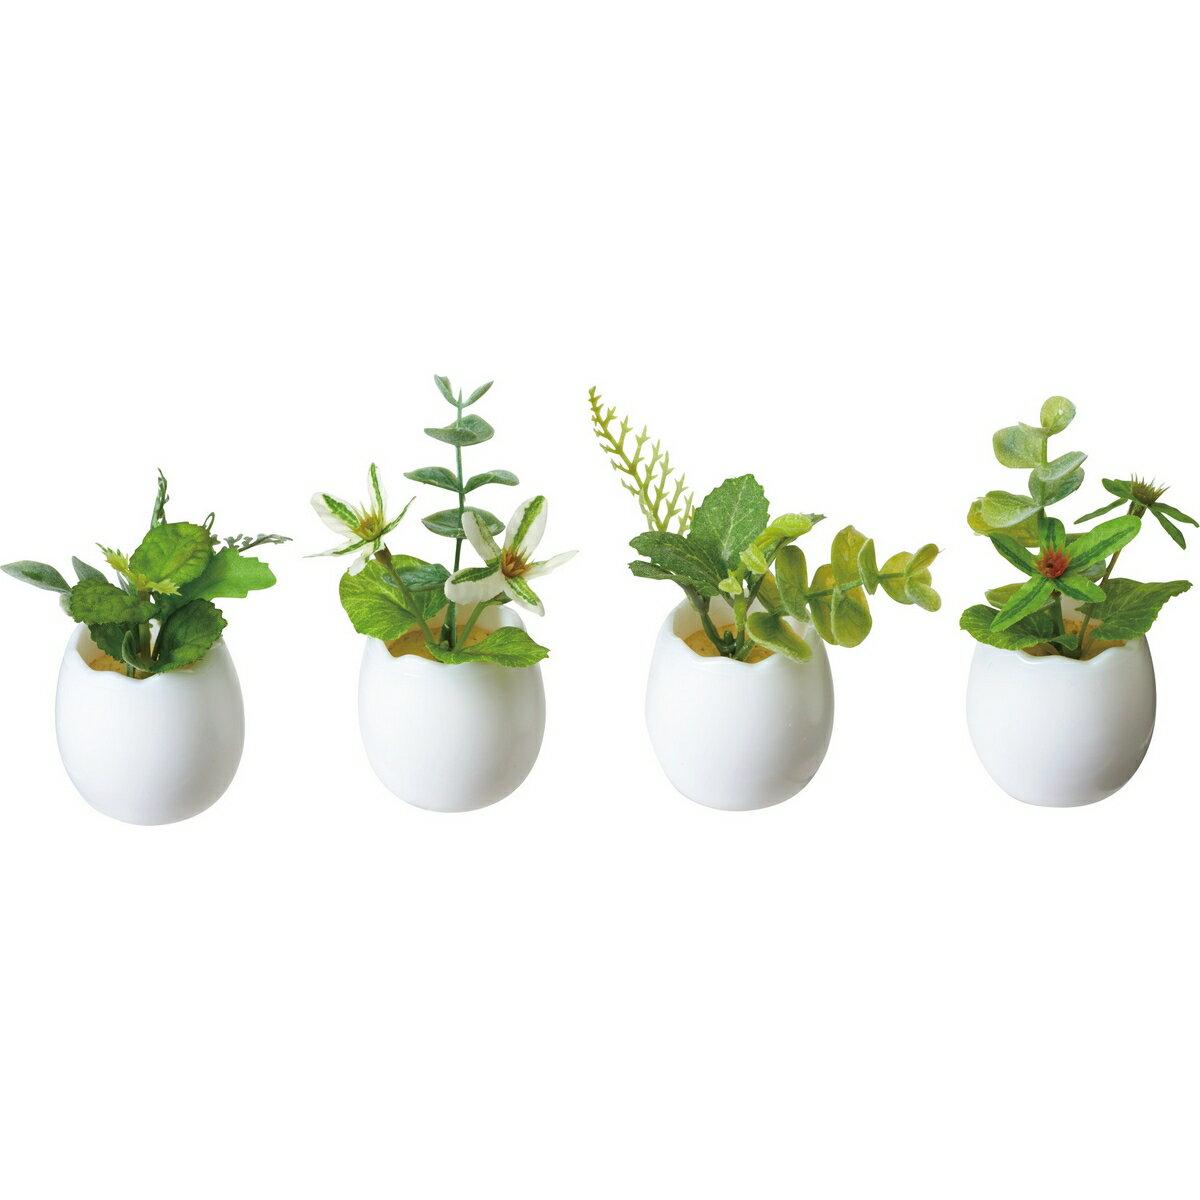 即日 大特価◎【造花】YDM/グリーンミックスエッグポット ※4種類のいずれか1つ。お選びいただけません。/GLA-1406-AST